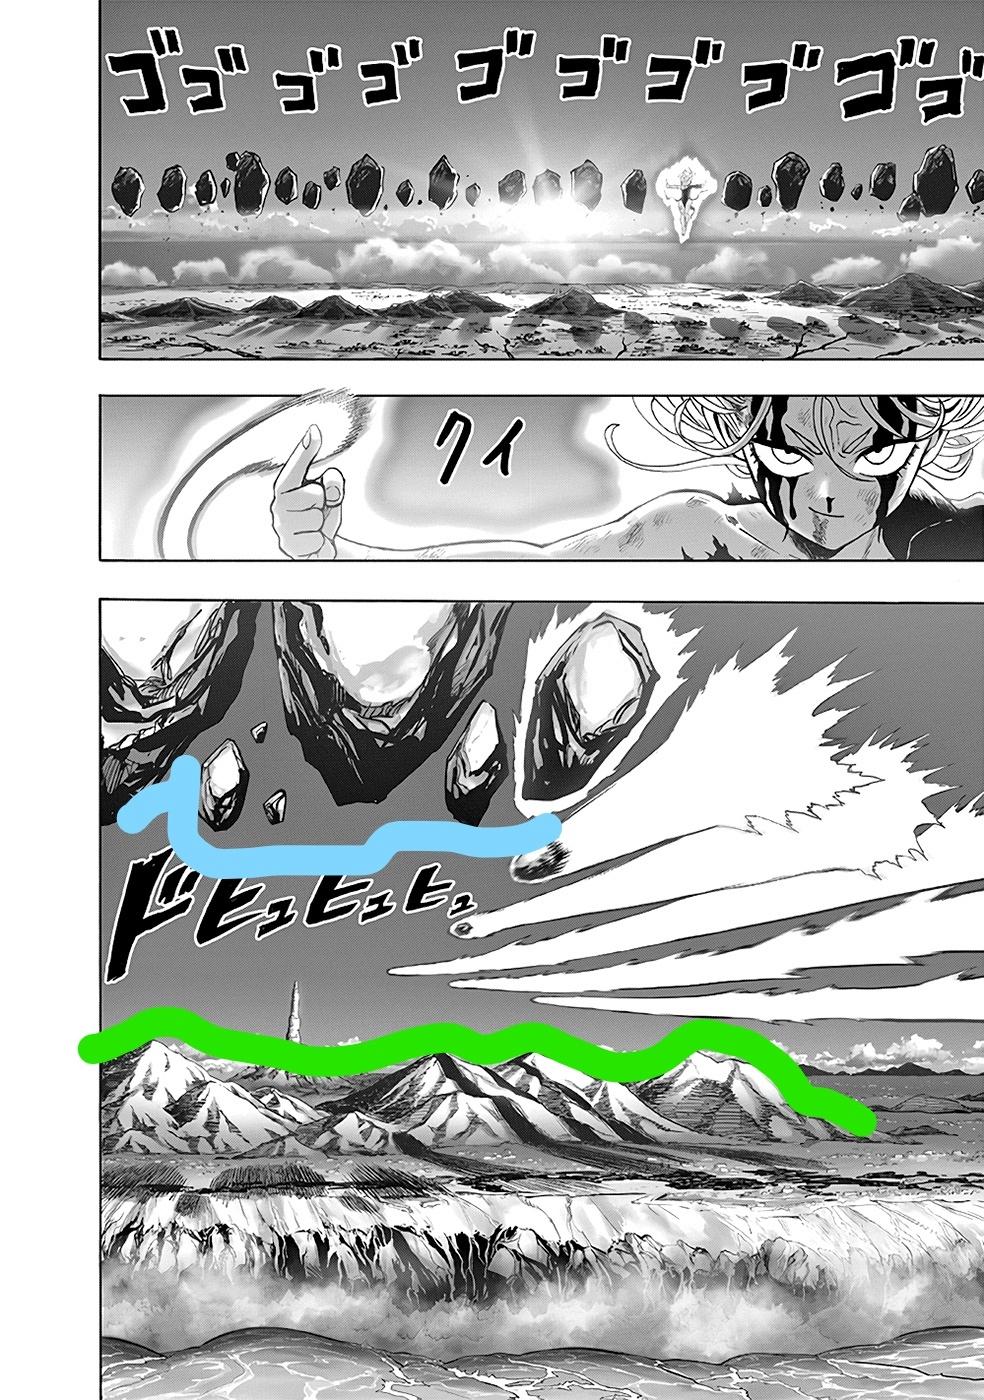 Quem no universo de Naruto seria capaz de derrotar Tatsumaki? - Página 3 7_li10